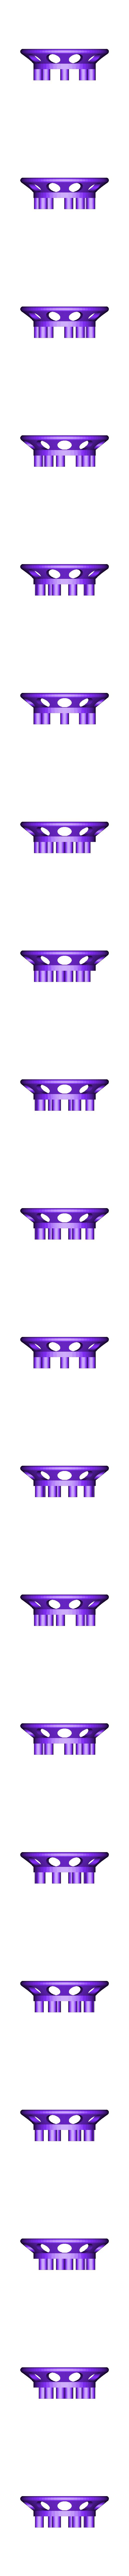 Panier facile.STL Télécharger fichier STL Catabasket (jeu d'équipe,soirée,famille) • Modèle à imprimer en 3D, Gael_B